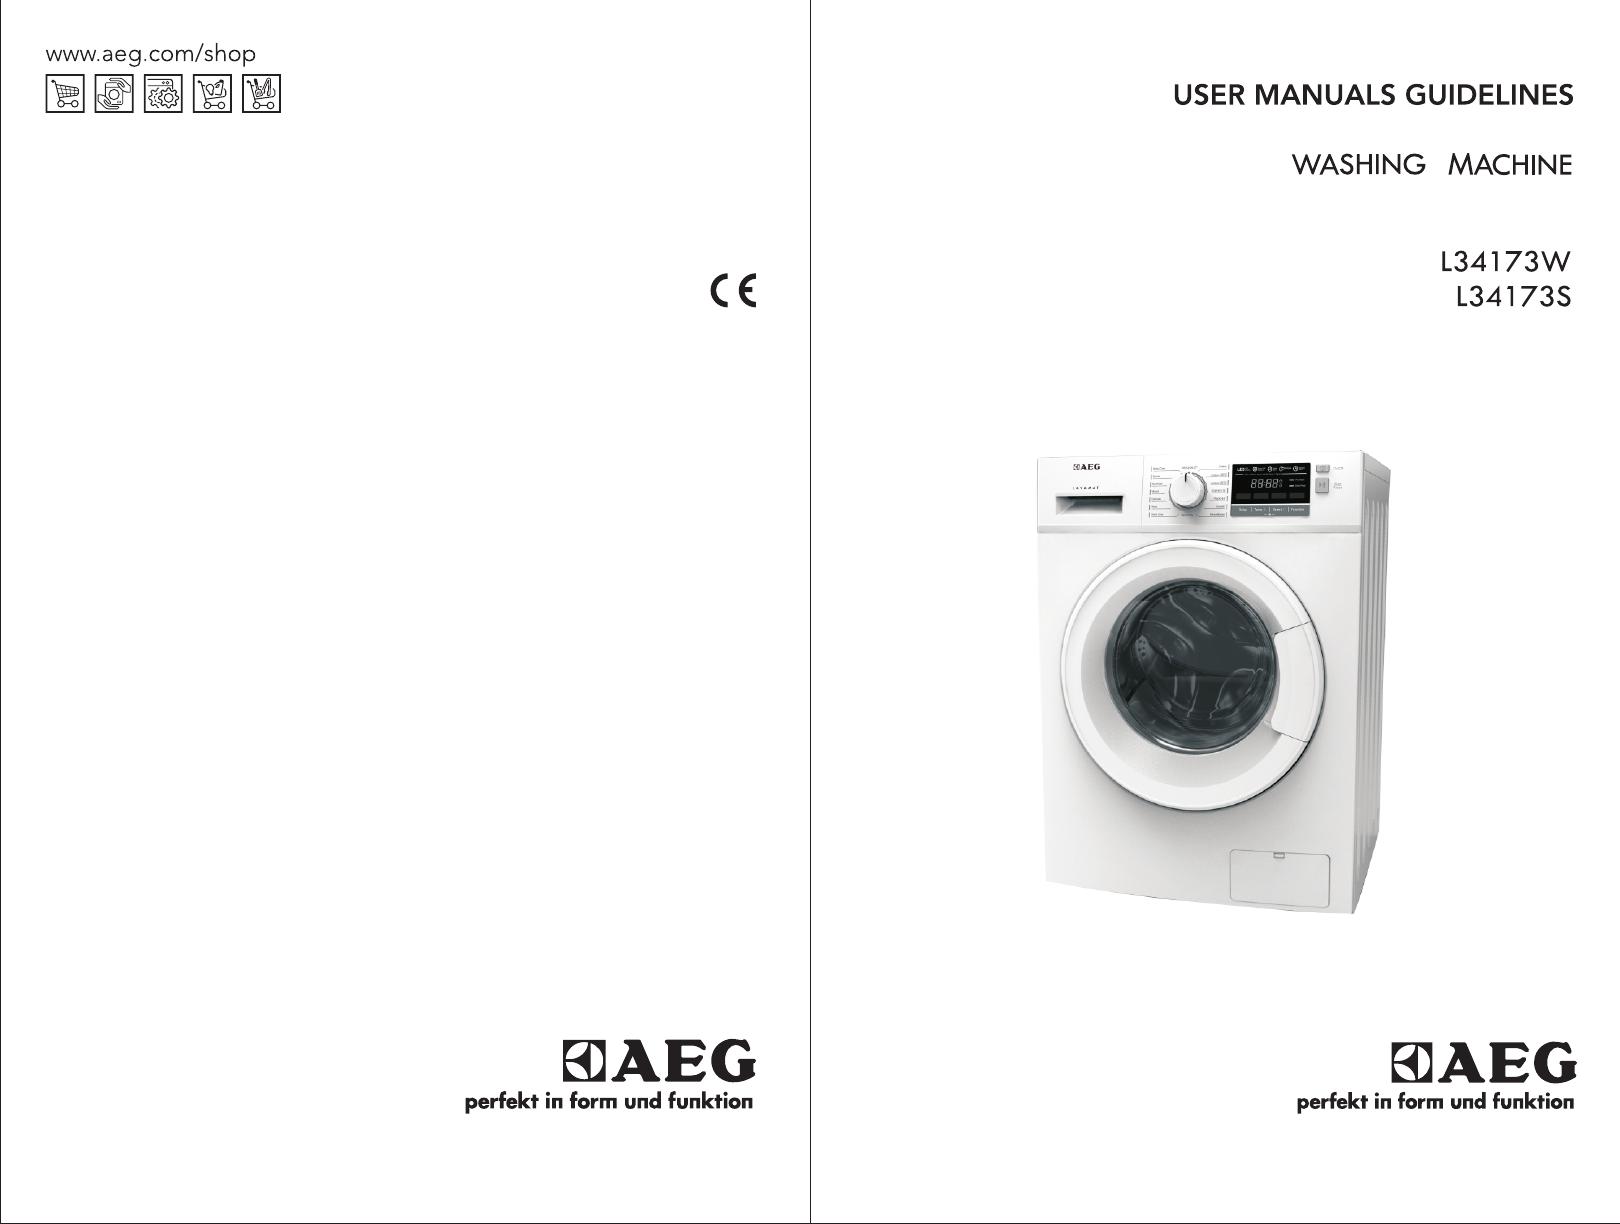 AEG L40W manual